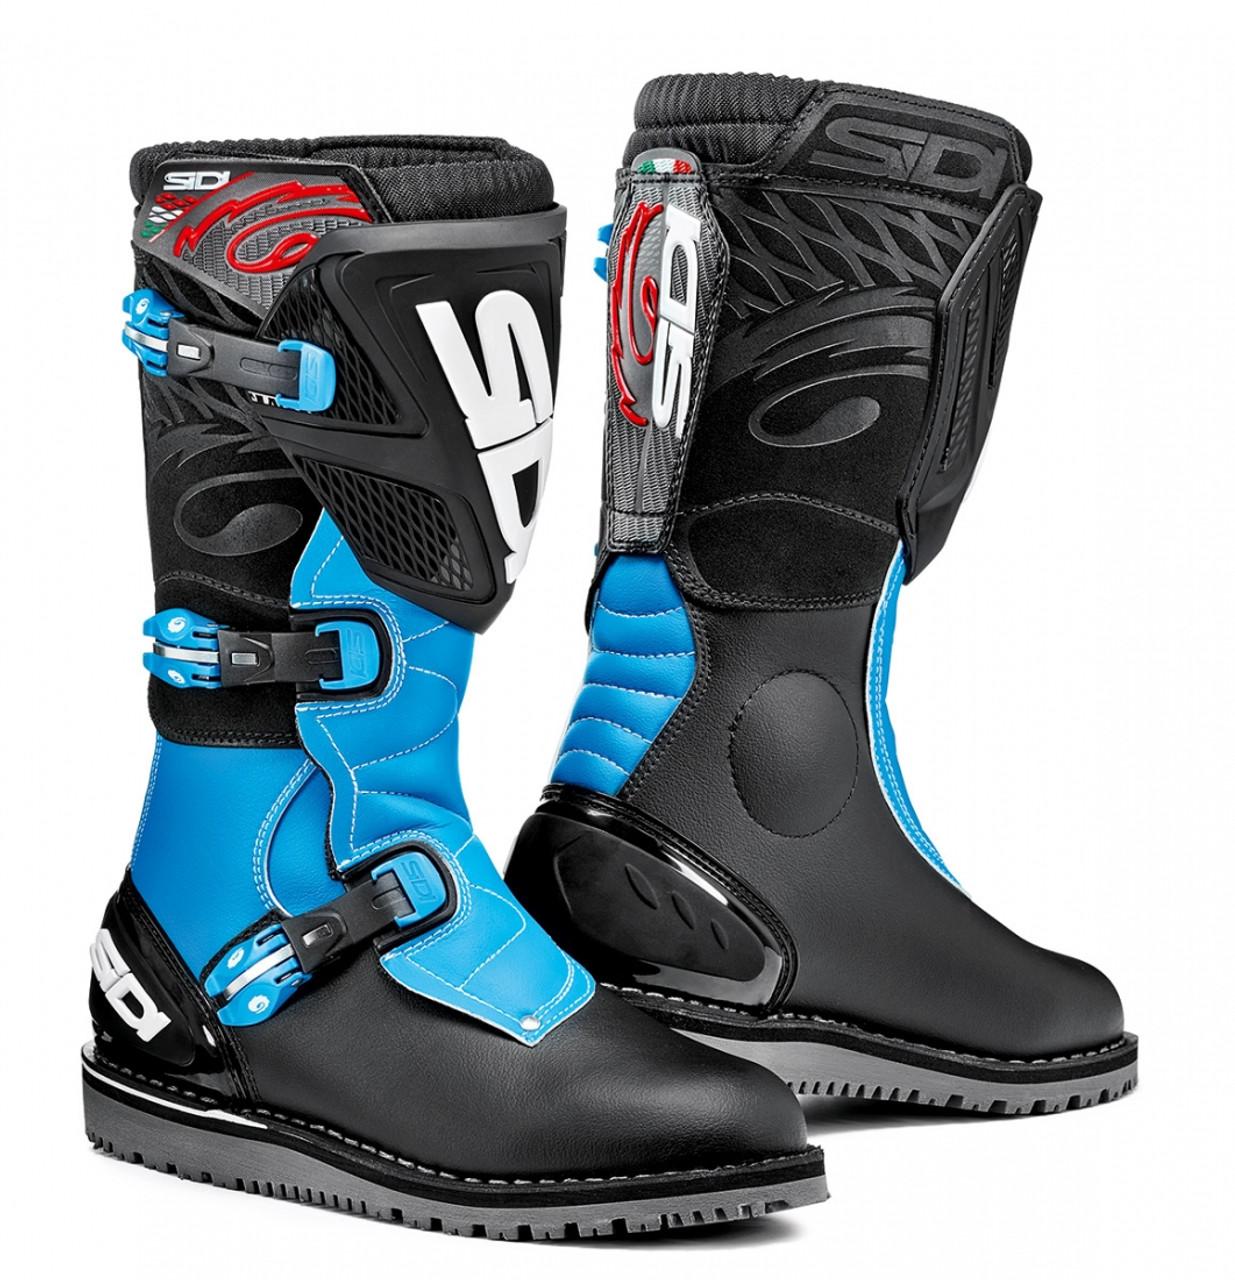 Sidi boots - Trial Zero.1 - black/blue